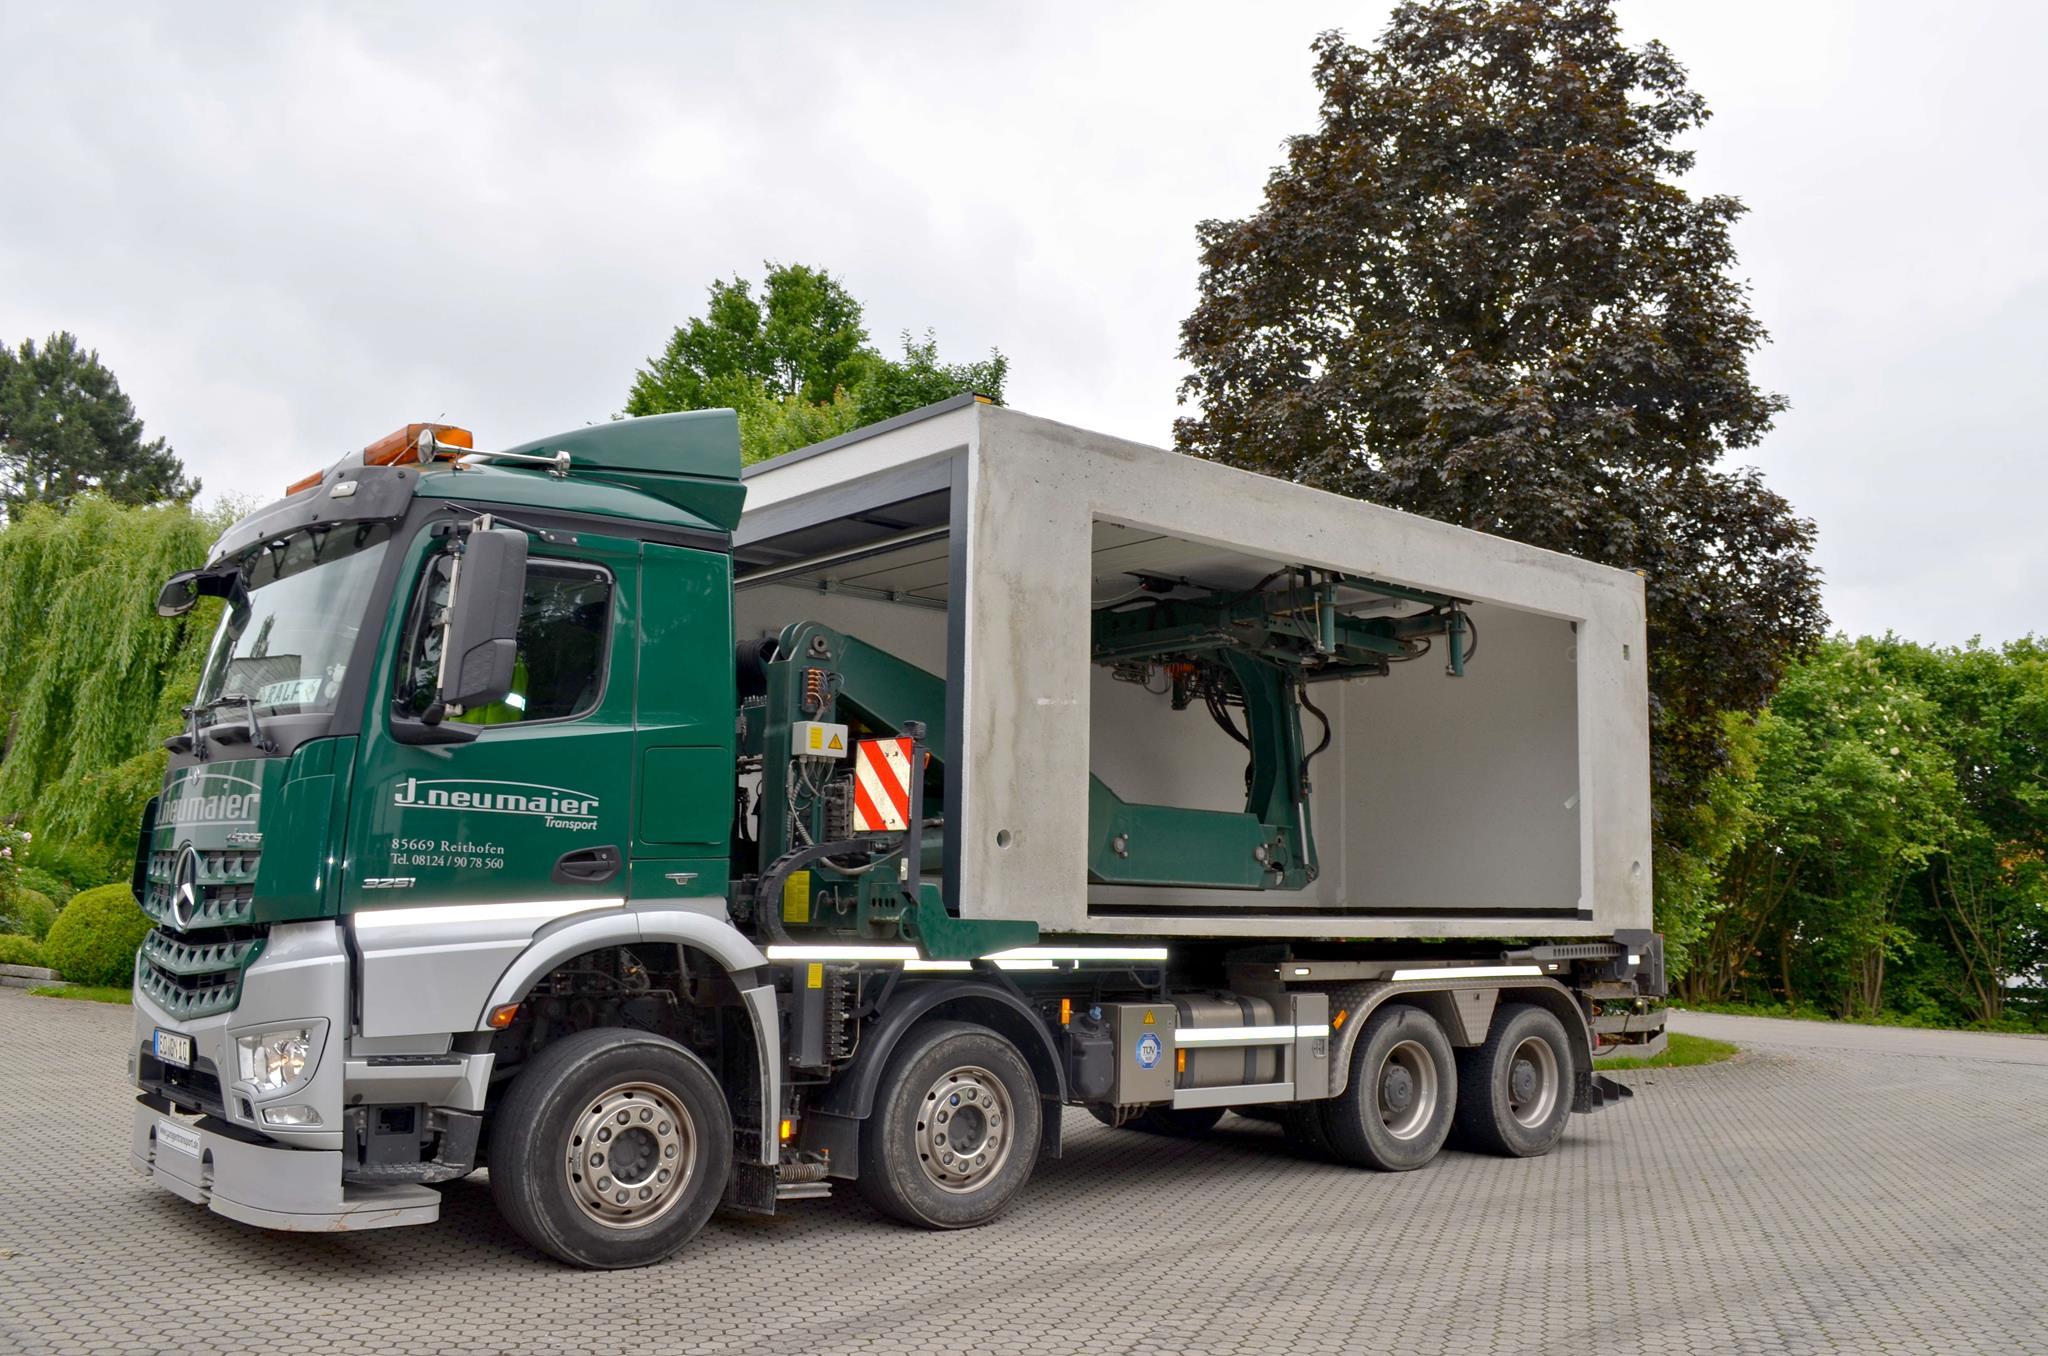 Beliebt Garagentransport GmbH - Neumaier Transport GmbH, Lindacher Weg 6 PR59